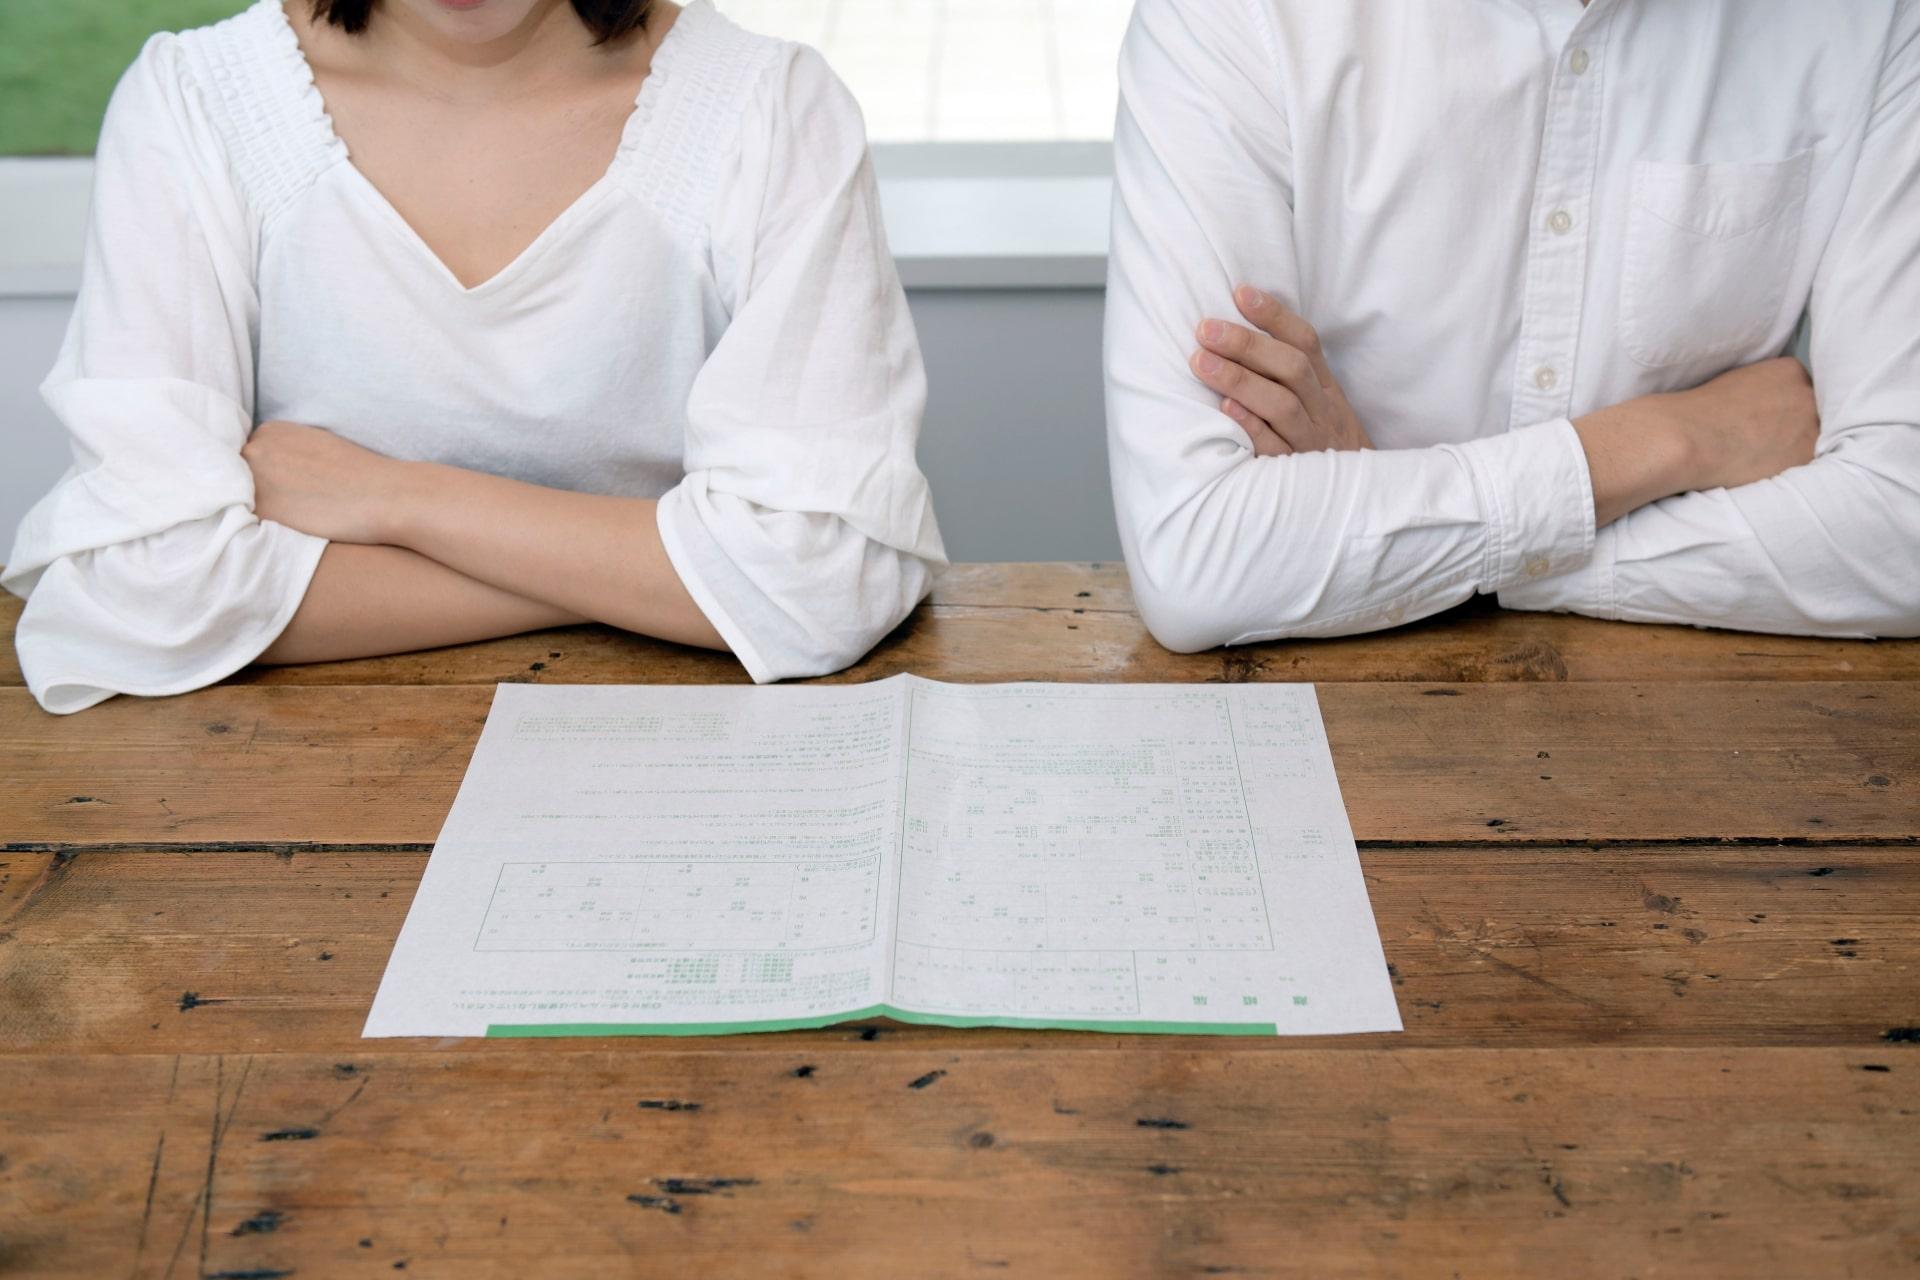 【離婚】離婚の方法ってどんな方法があるの?